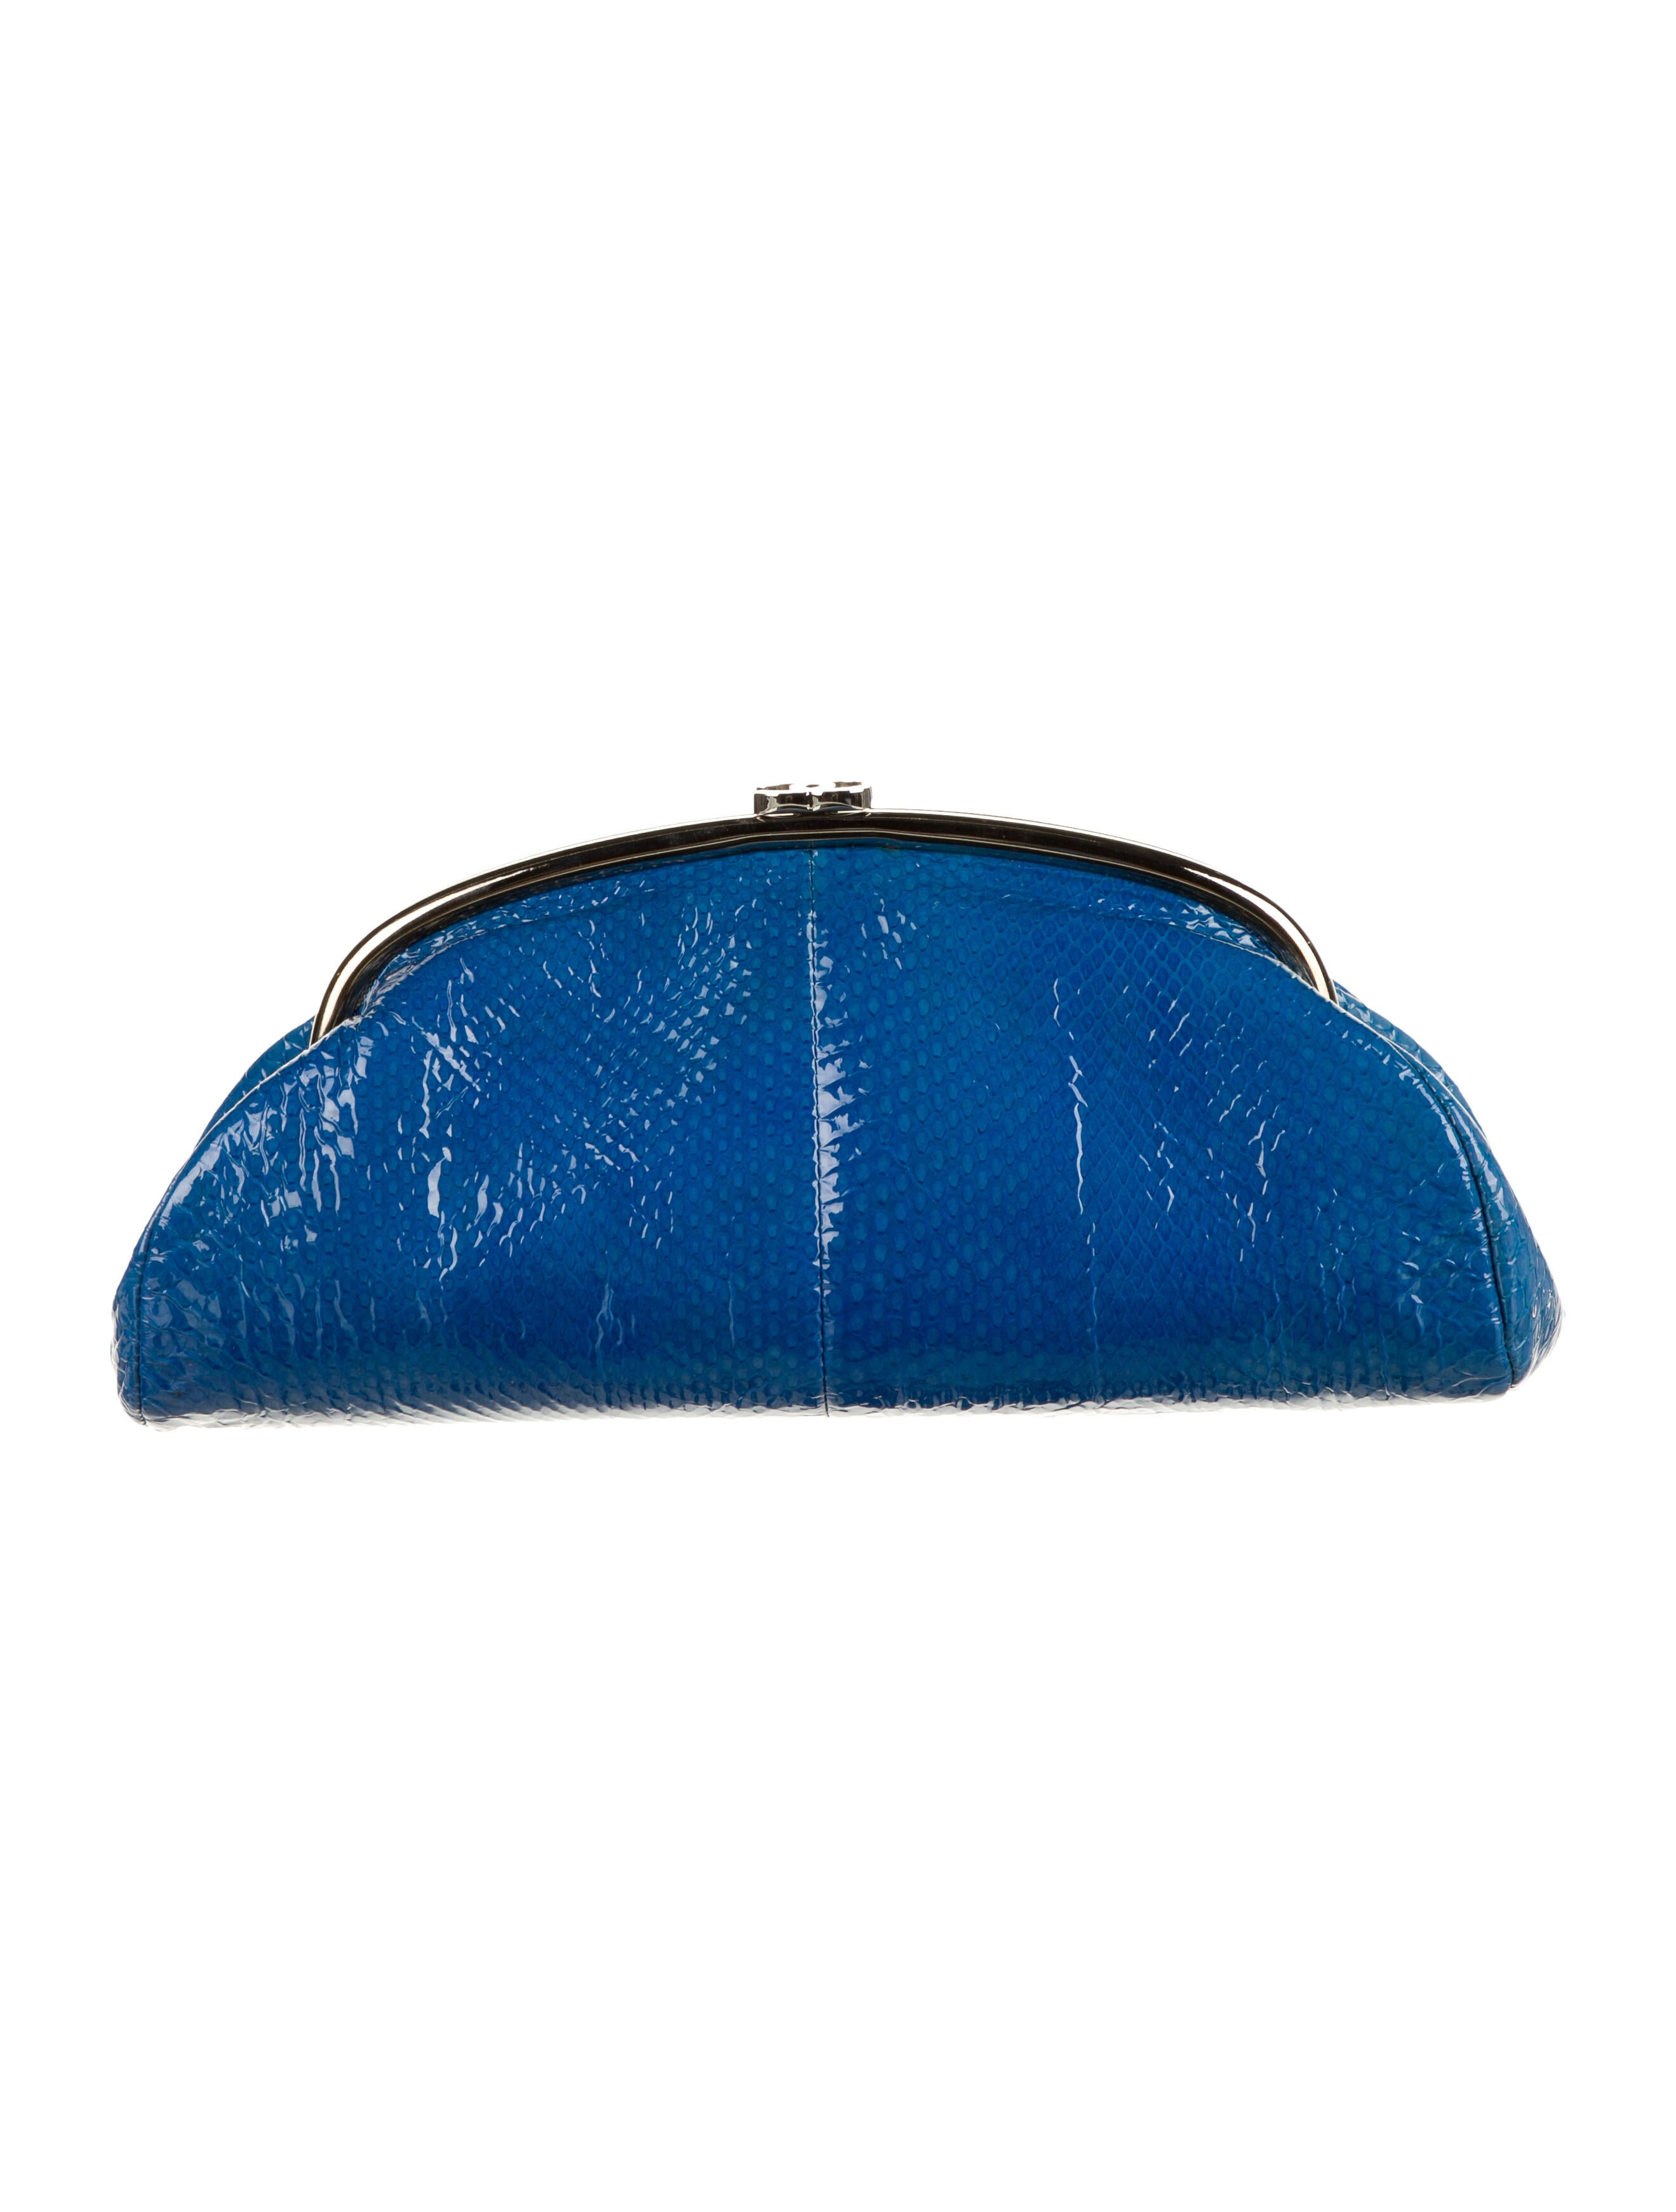 Chanel Python Timeless Clutch - Handbags -           CHA456457 | The RealReal